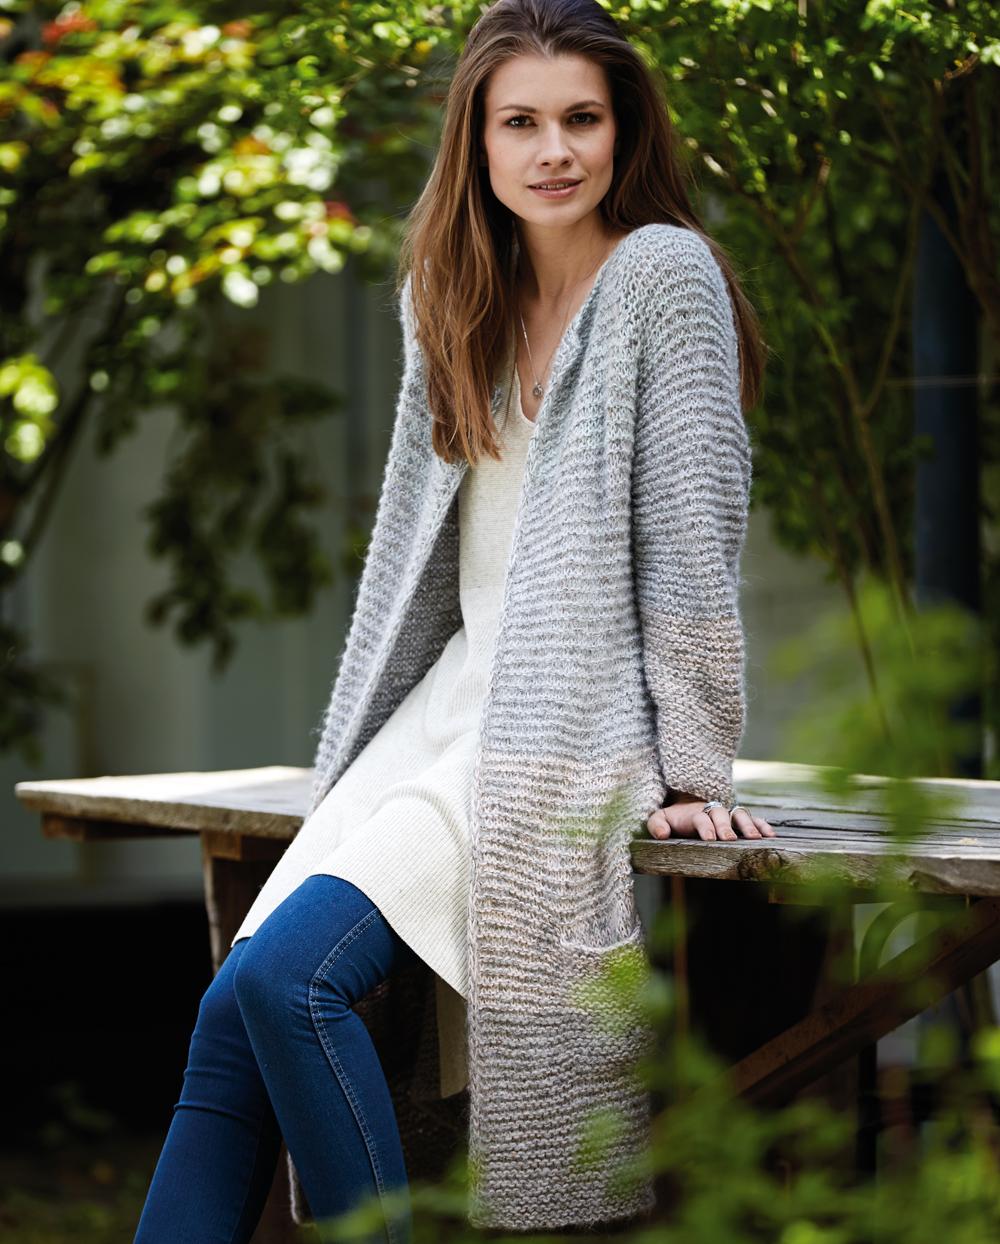 Пальто с ребристым узором — просто и изысканно, вяжется очень просто и быстро